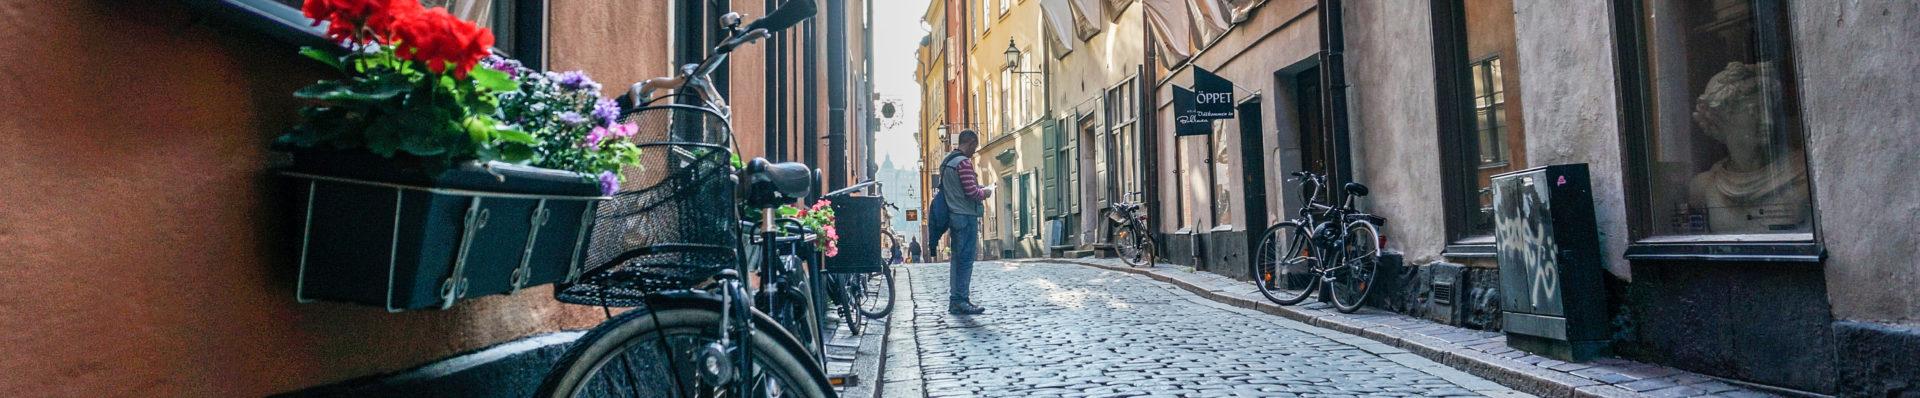 Шоппинг в Стокгольме